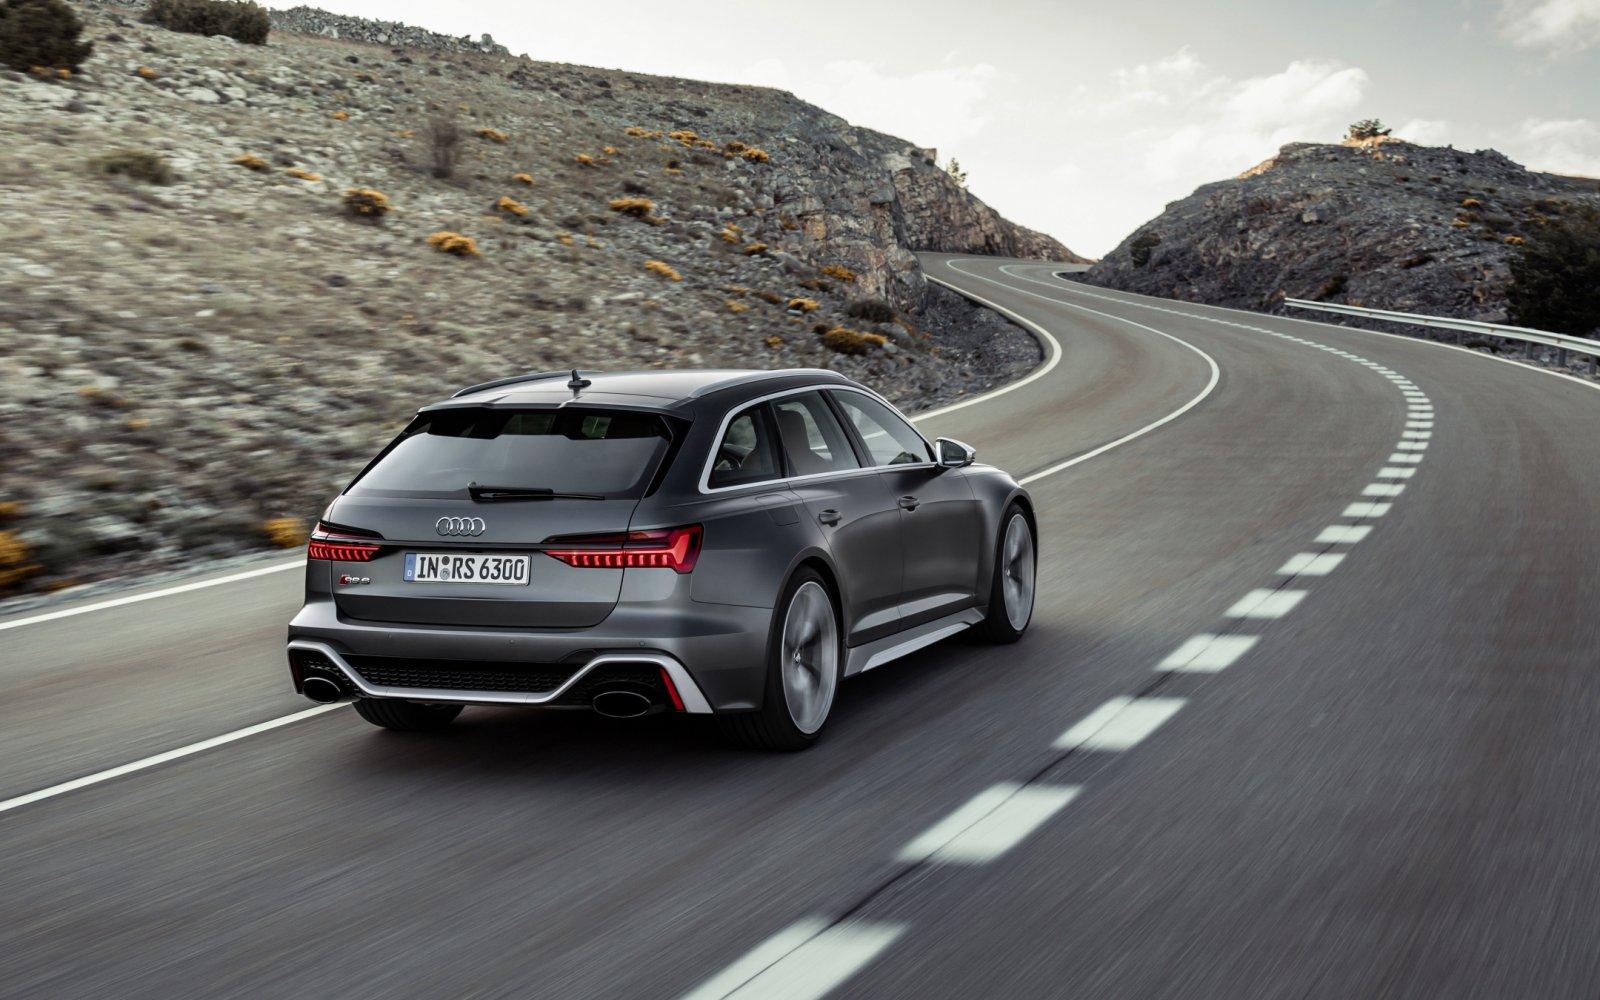 Some like it hot! De nieuwe Audi RS 6 Avant is een regelrechte 'power station'